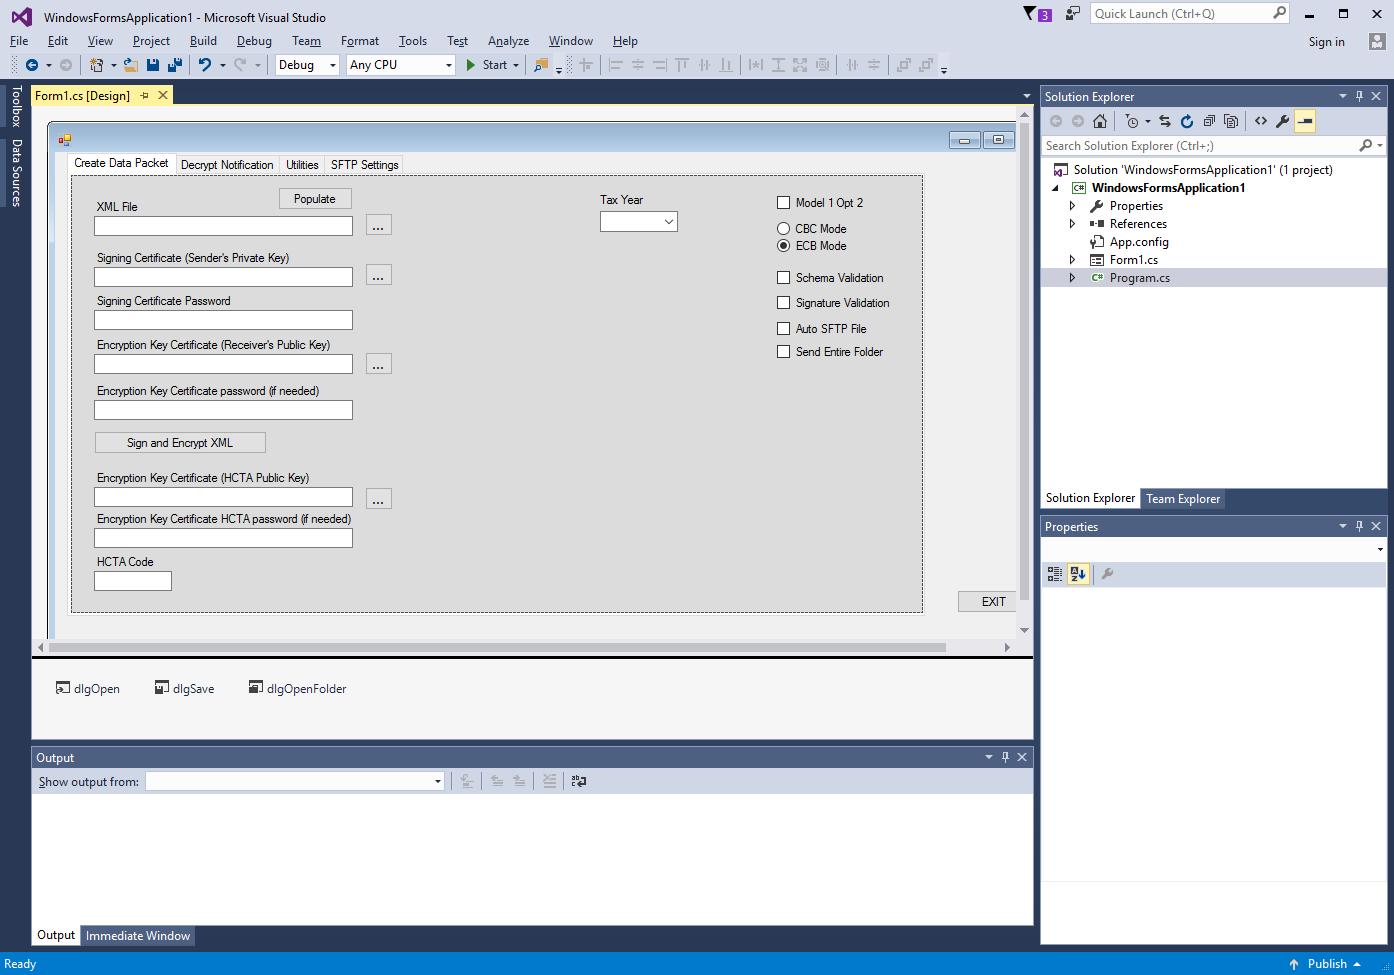 IDES Data Preparation -  NET